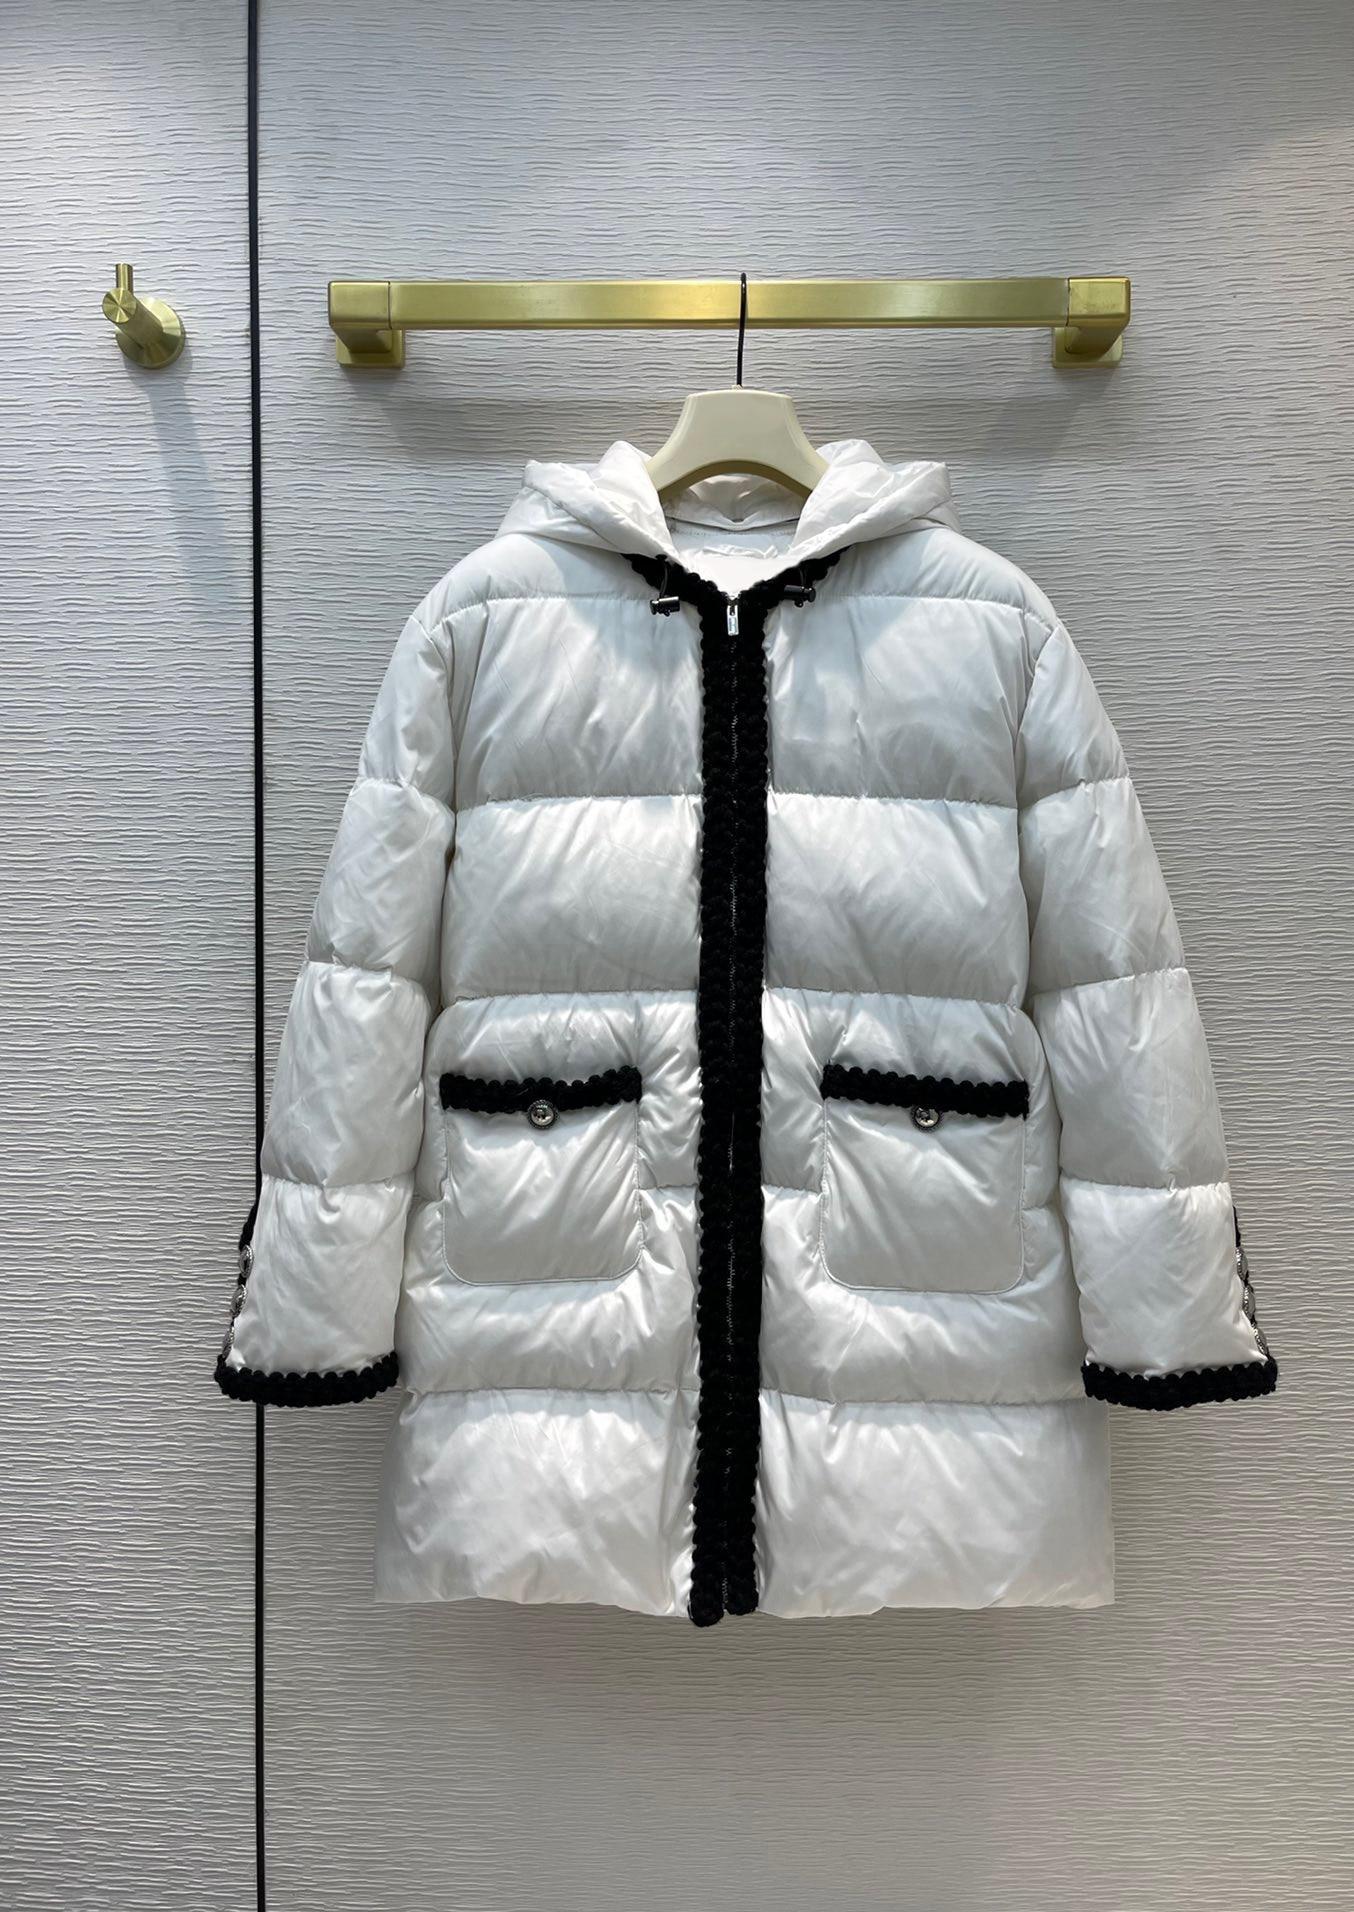 عالية الجودة المرأة انفصال مقنعين يندبروف الدفء التباين اللون سستة منتصف طول أسفل معطف